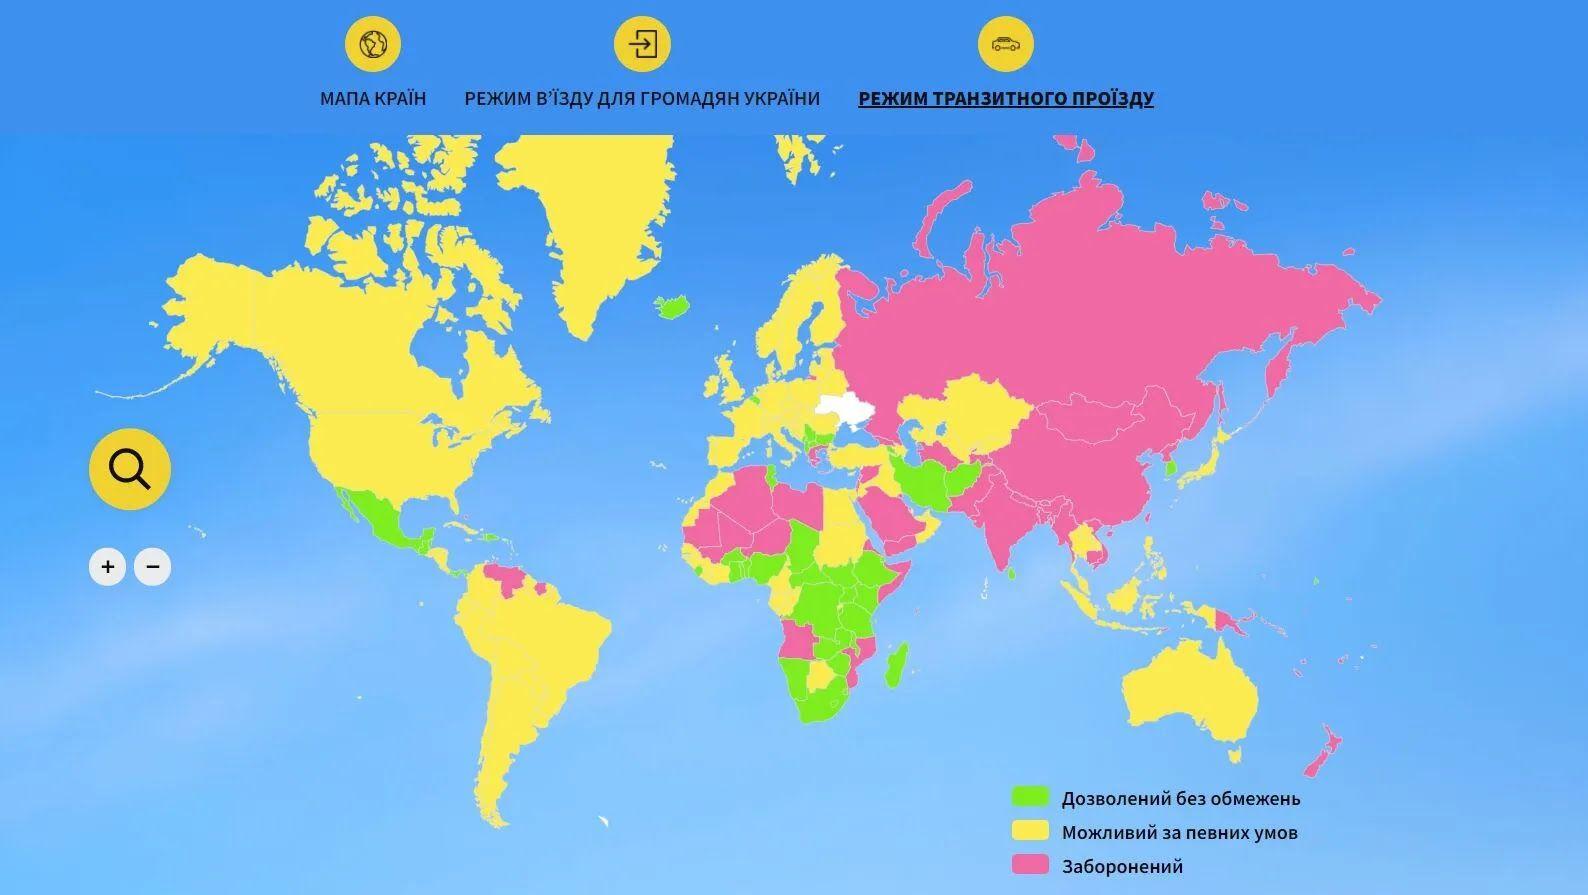 Правила транзитного пересечения. Розовый цвет – транзит запрещен, желтый – возможен при определенных условиях, зеленый – разрешен без ограничений.